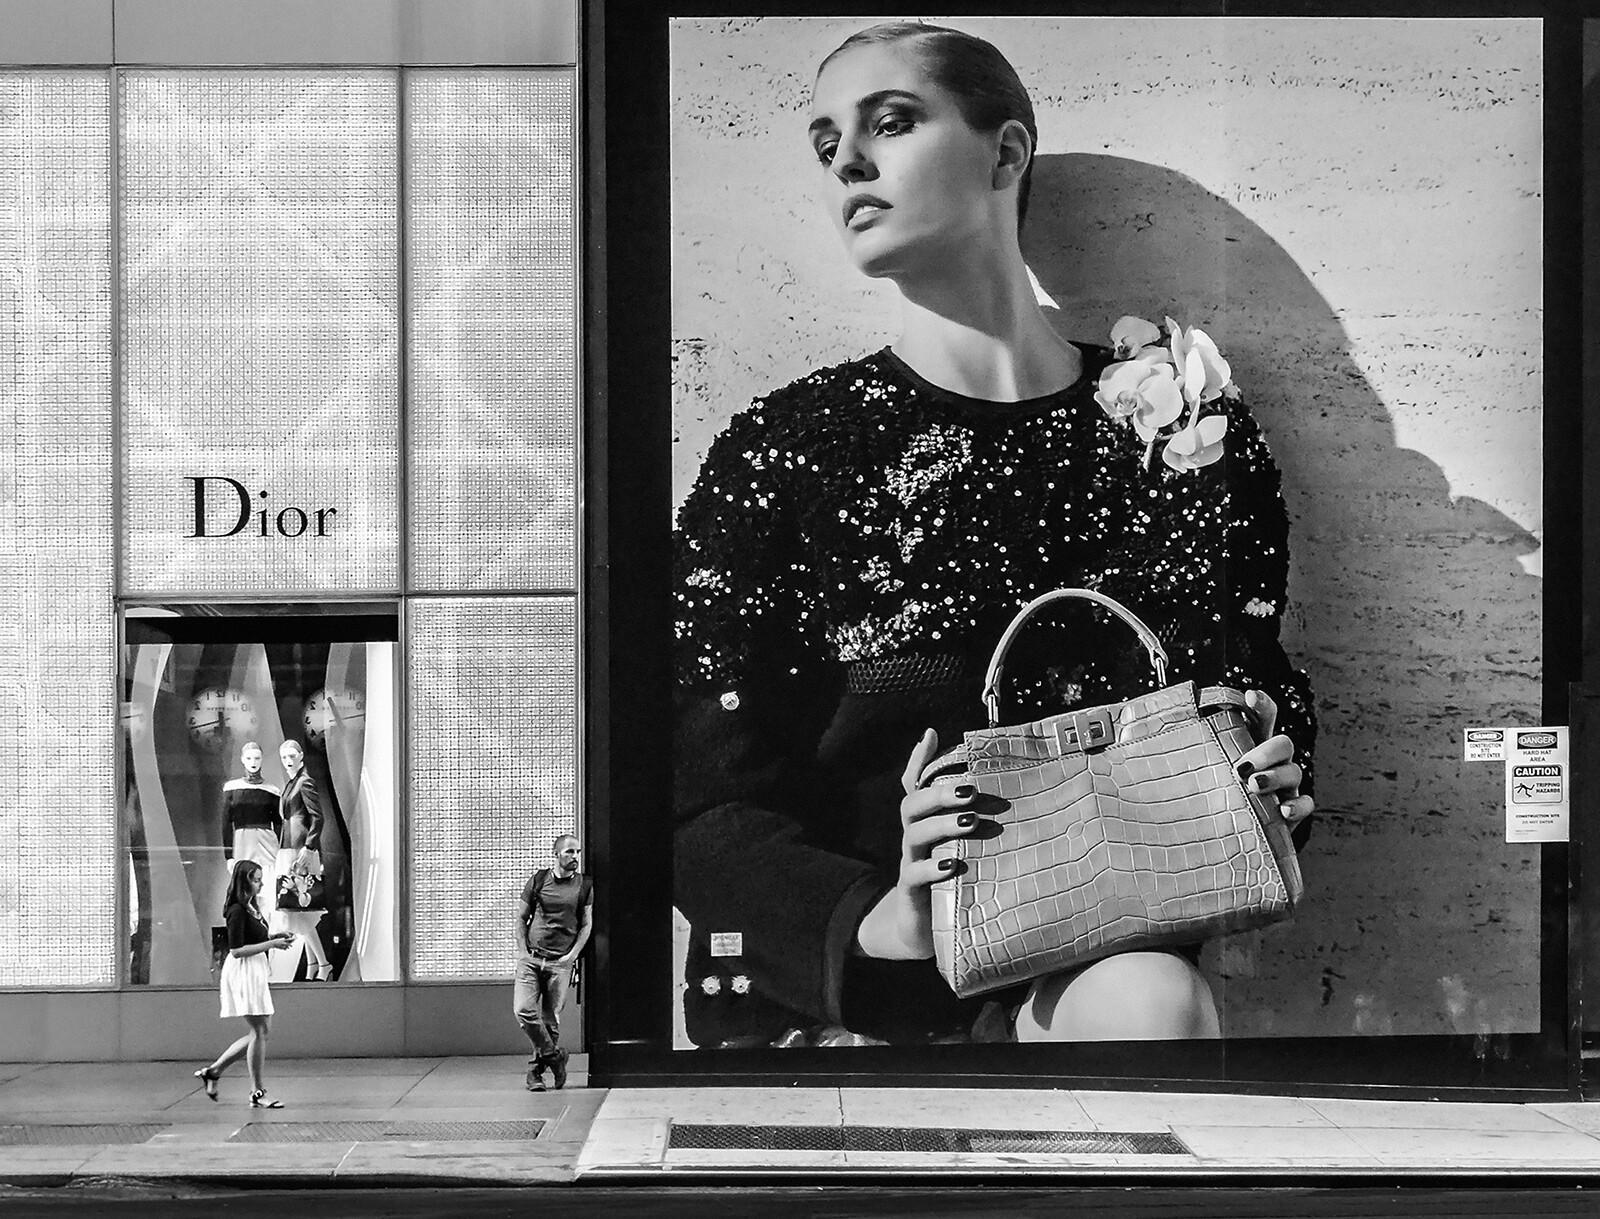 Girl, Boy, Dior - Joseph Cela